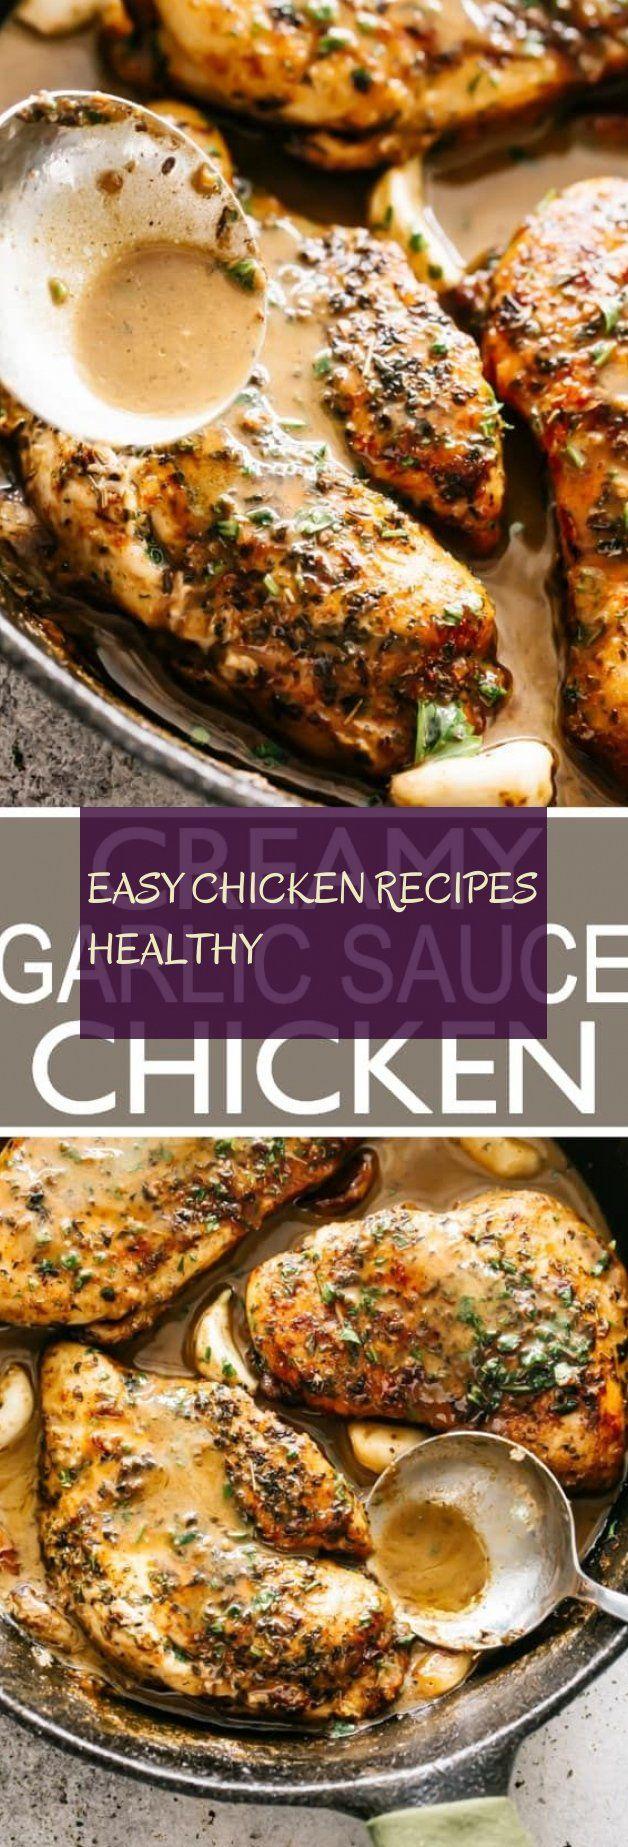 easy chicken recipes healthy